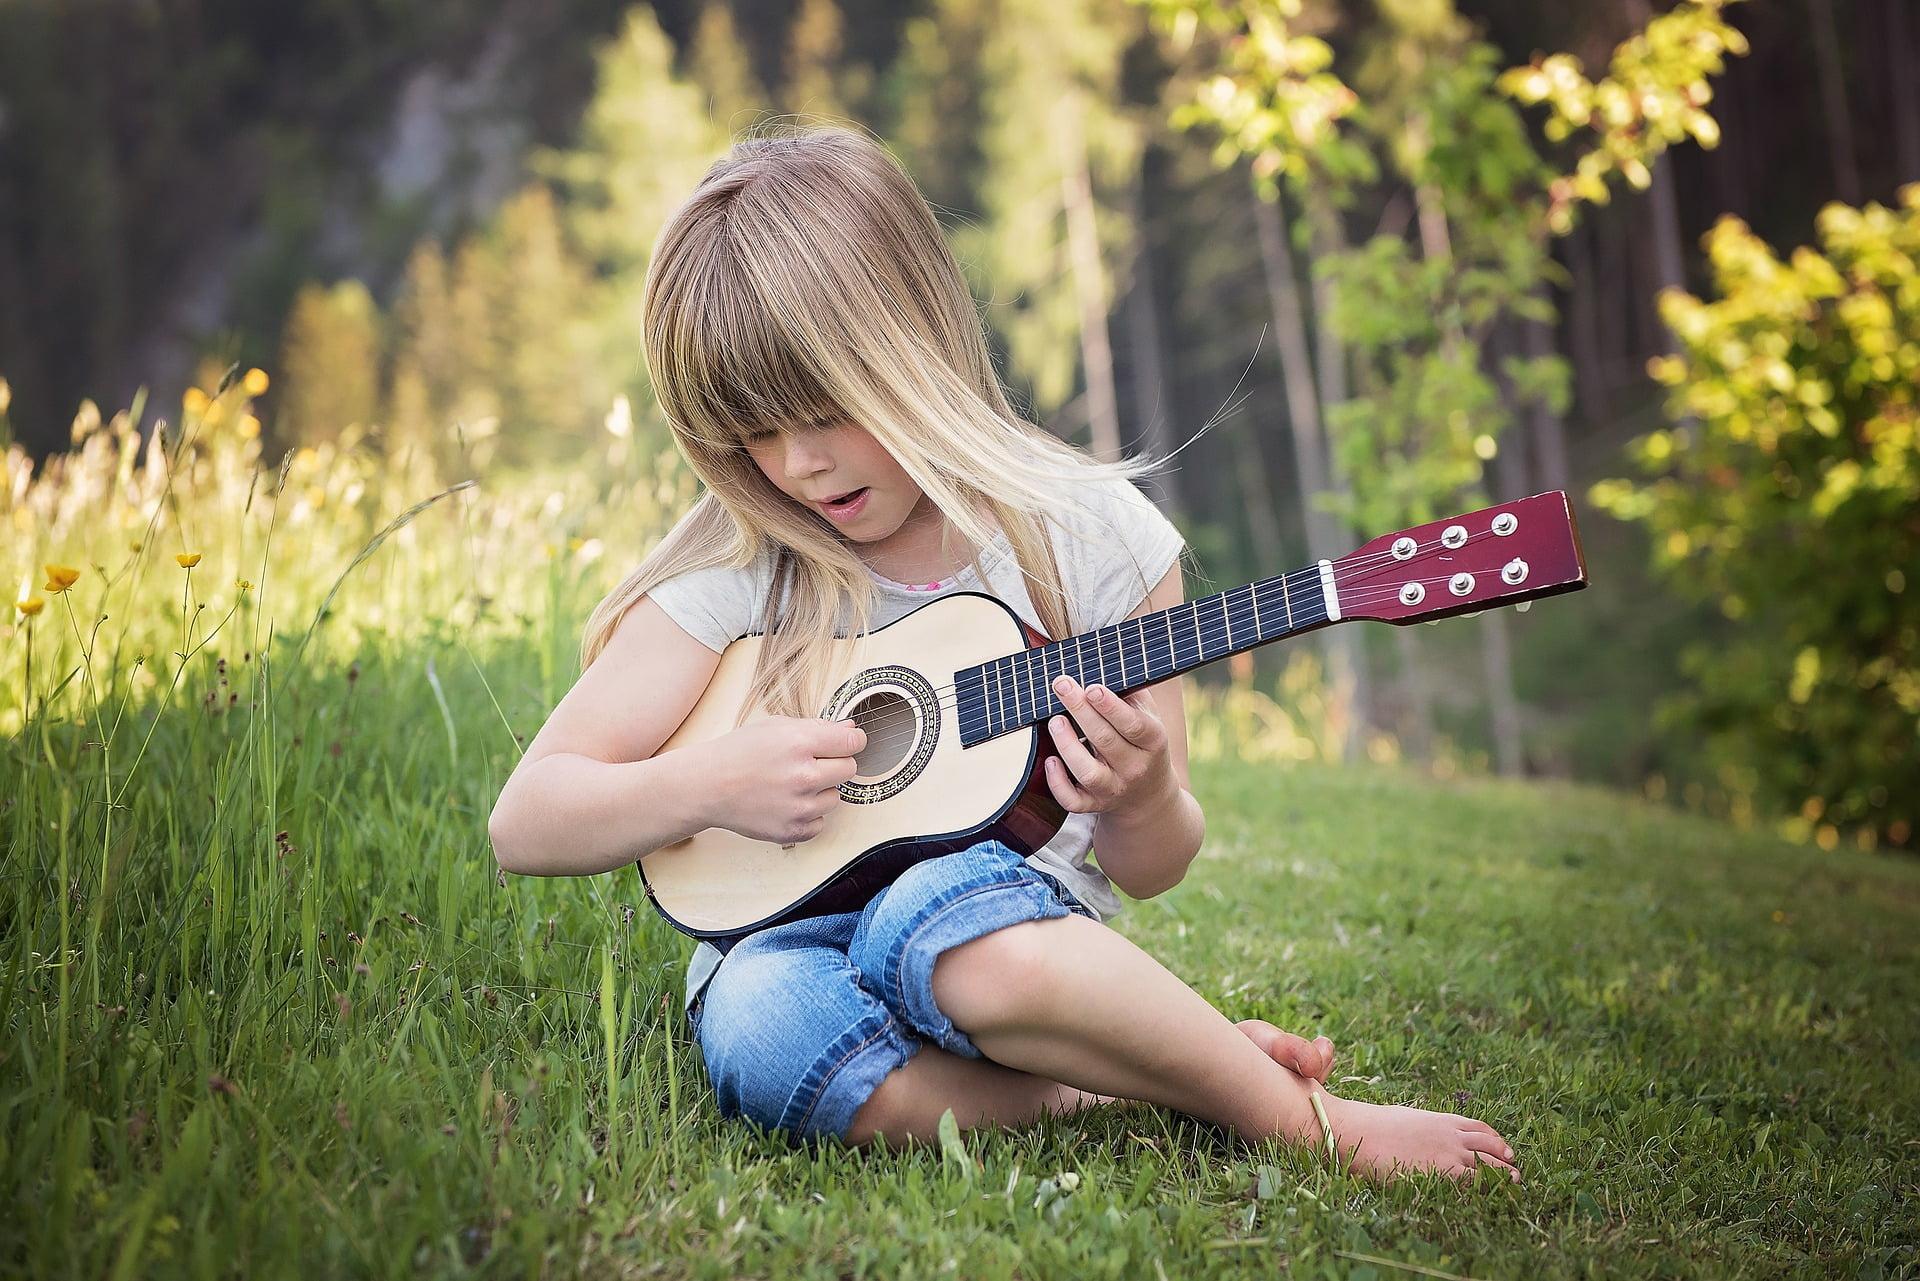 Beneficiile muzicii în dezvoltarea copiilor. Muzica și dezvoltarea abilităților